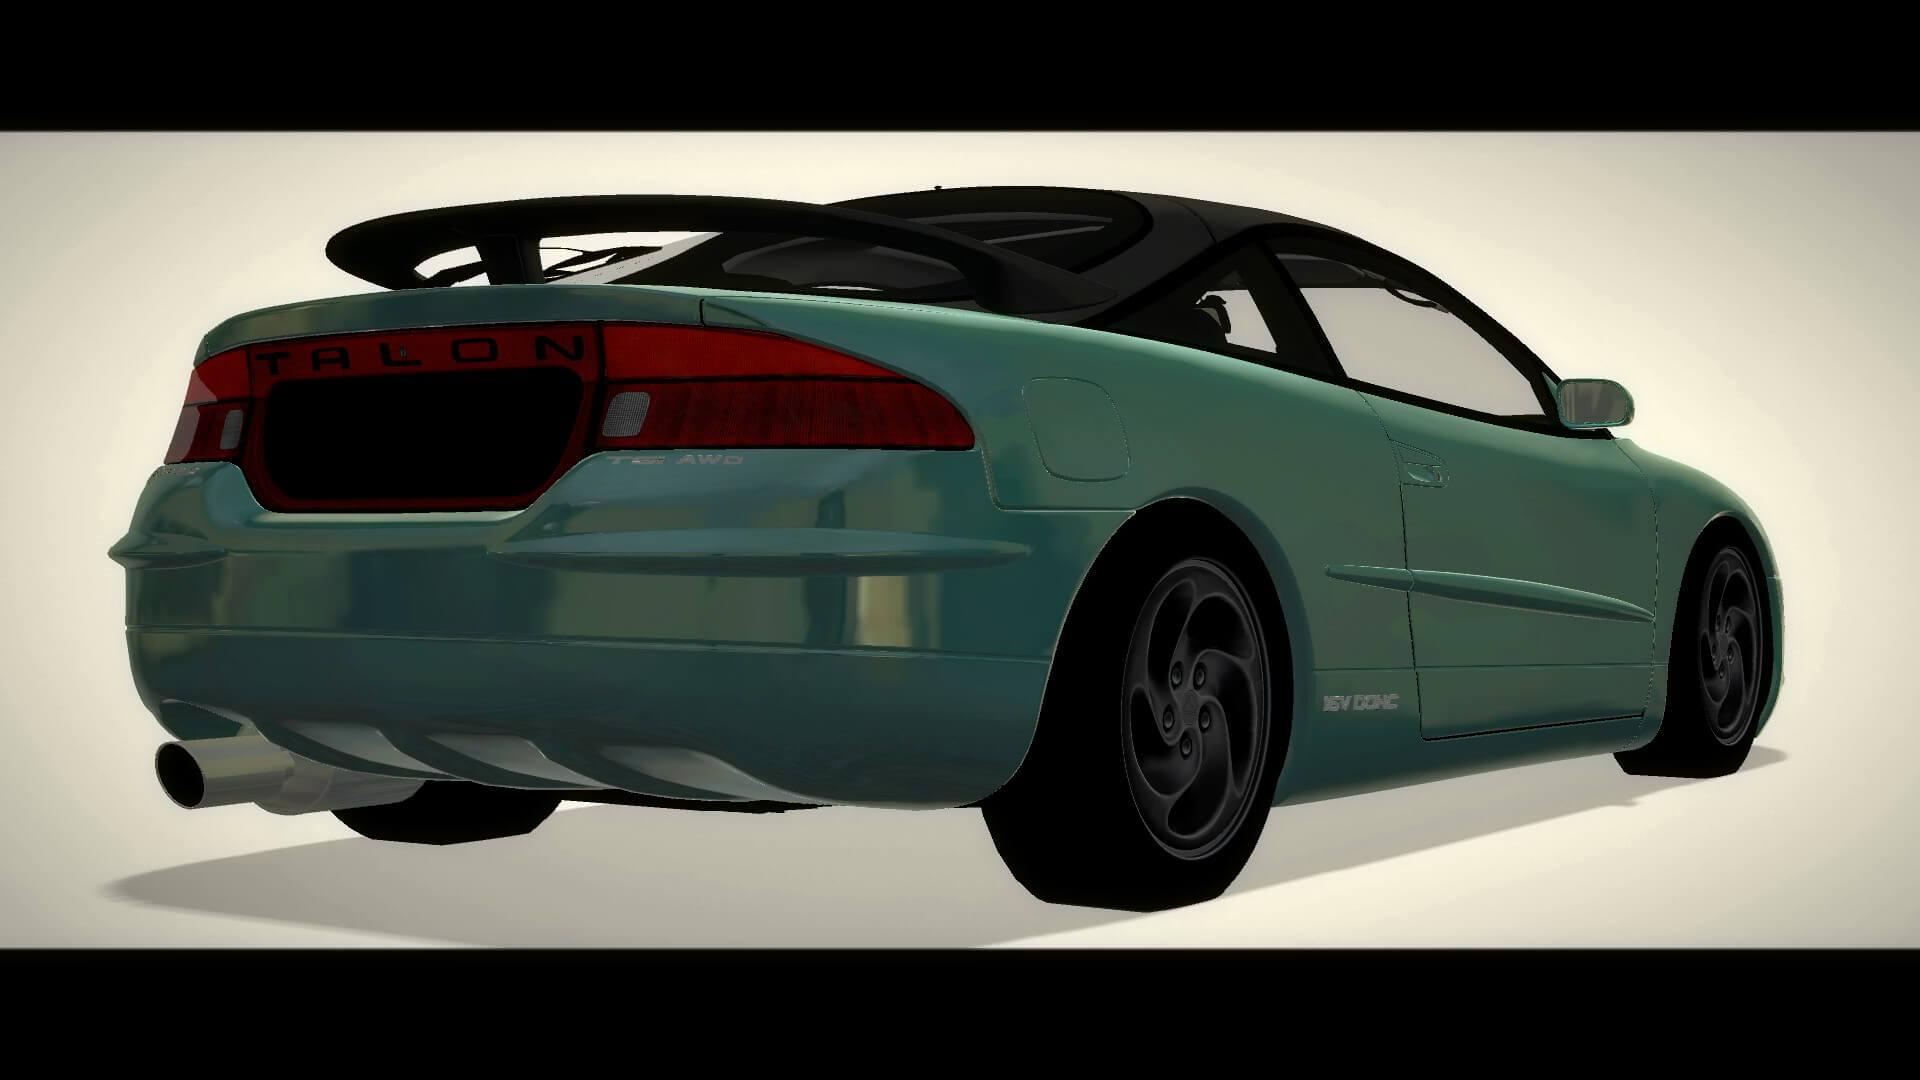 Garry's Mod 13 - Eagle Talon TSi AWD [Roy's Cars]